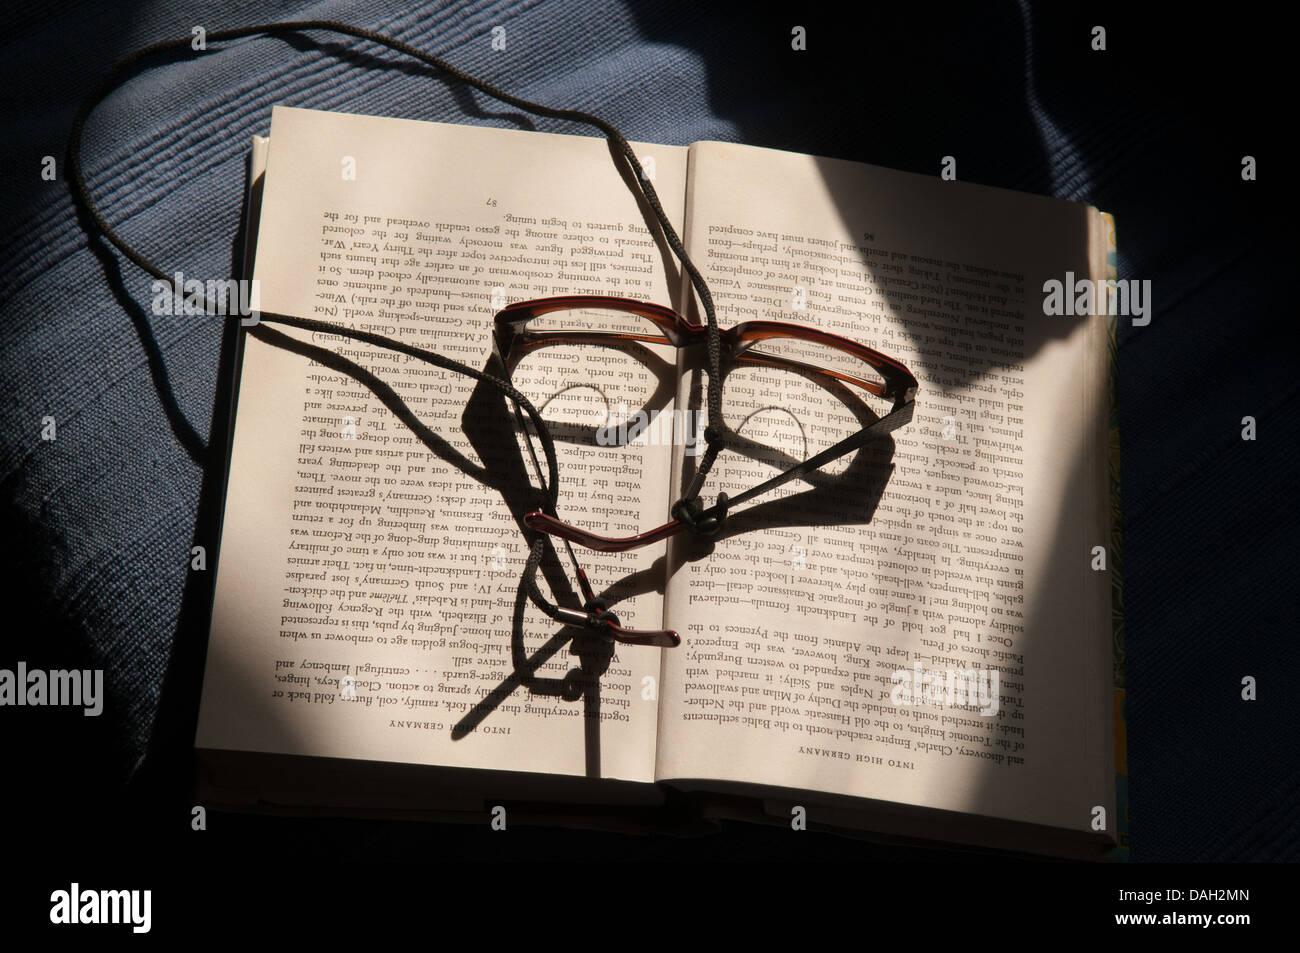 Gafas de un libro en un rayo de luz. Imagen De Stock